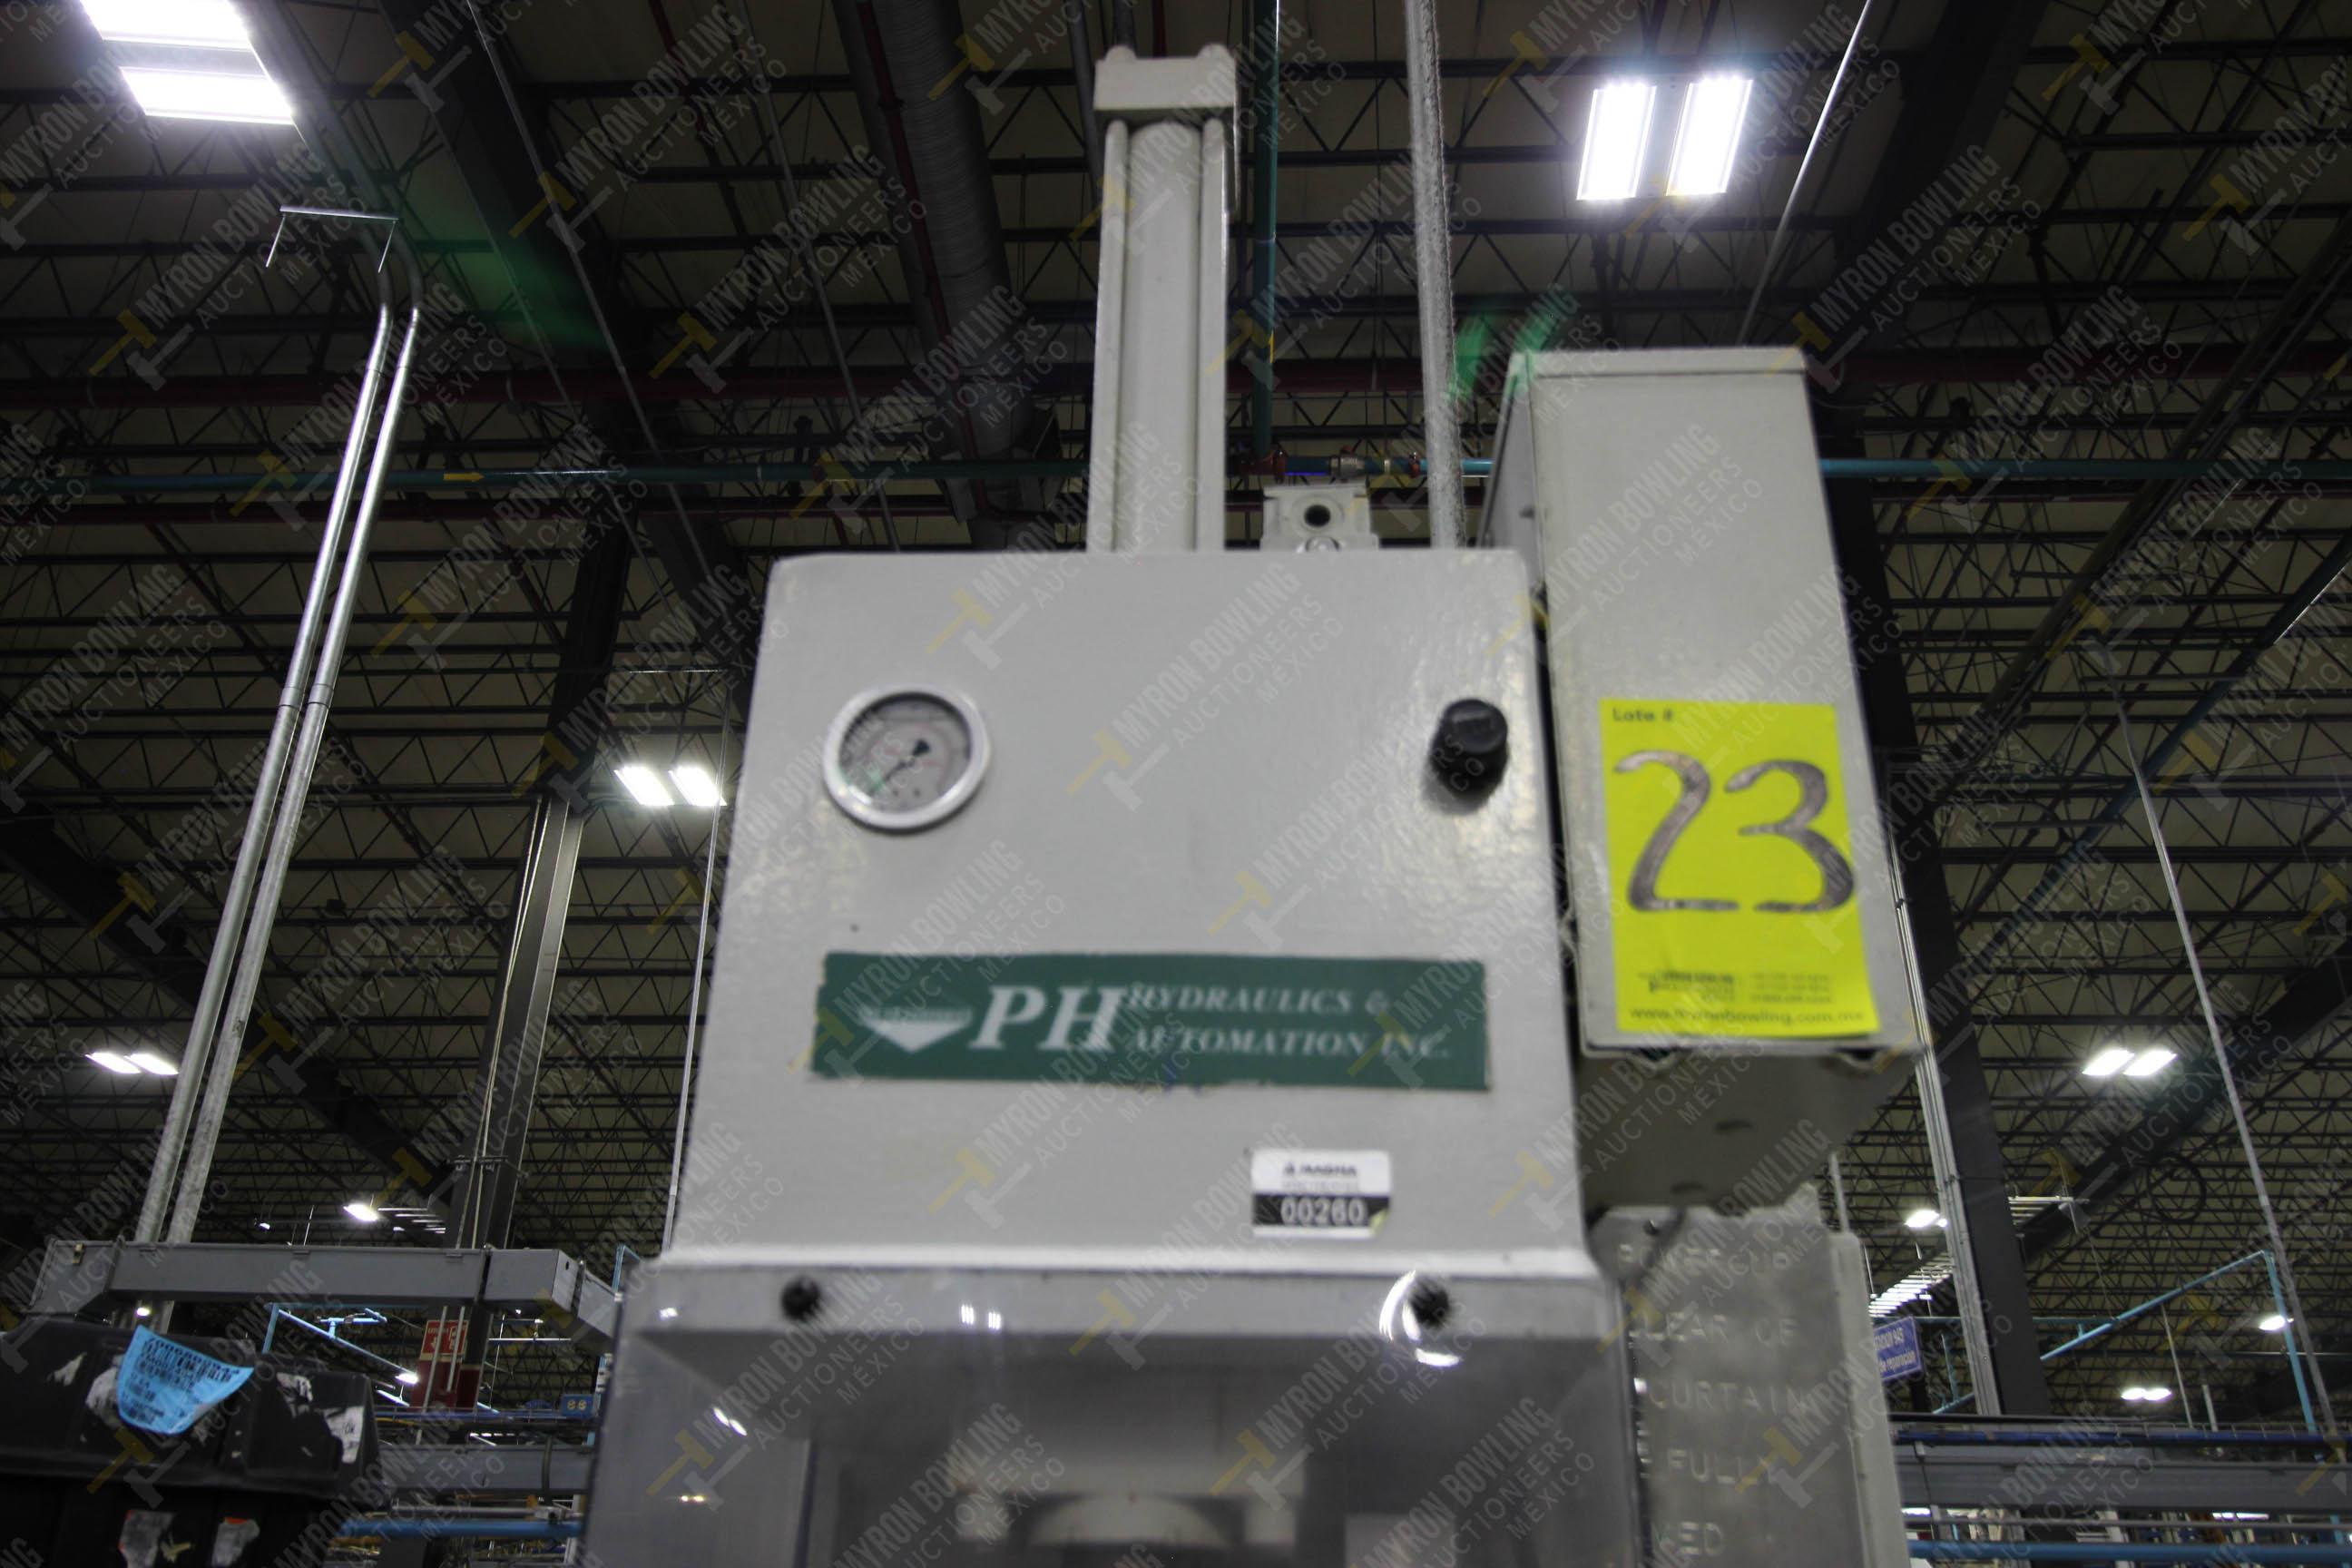 Estación semiautomática para operación 355B, contiene: Prensa tipo cuello de ganso - Image 18 of 21